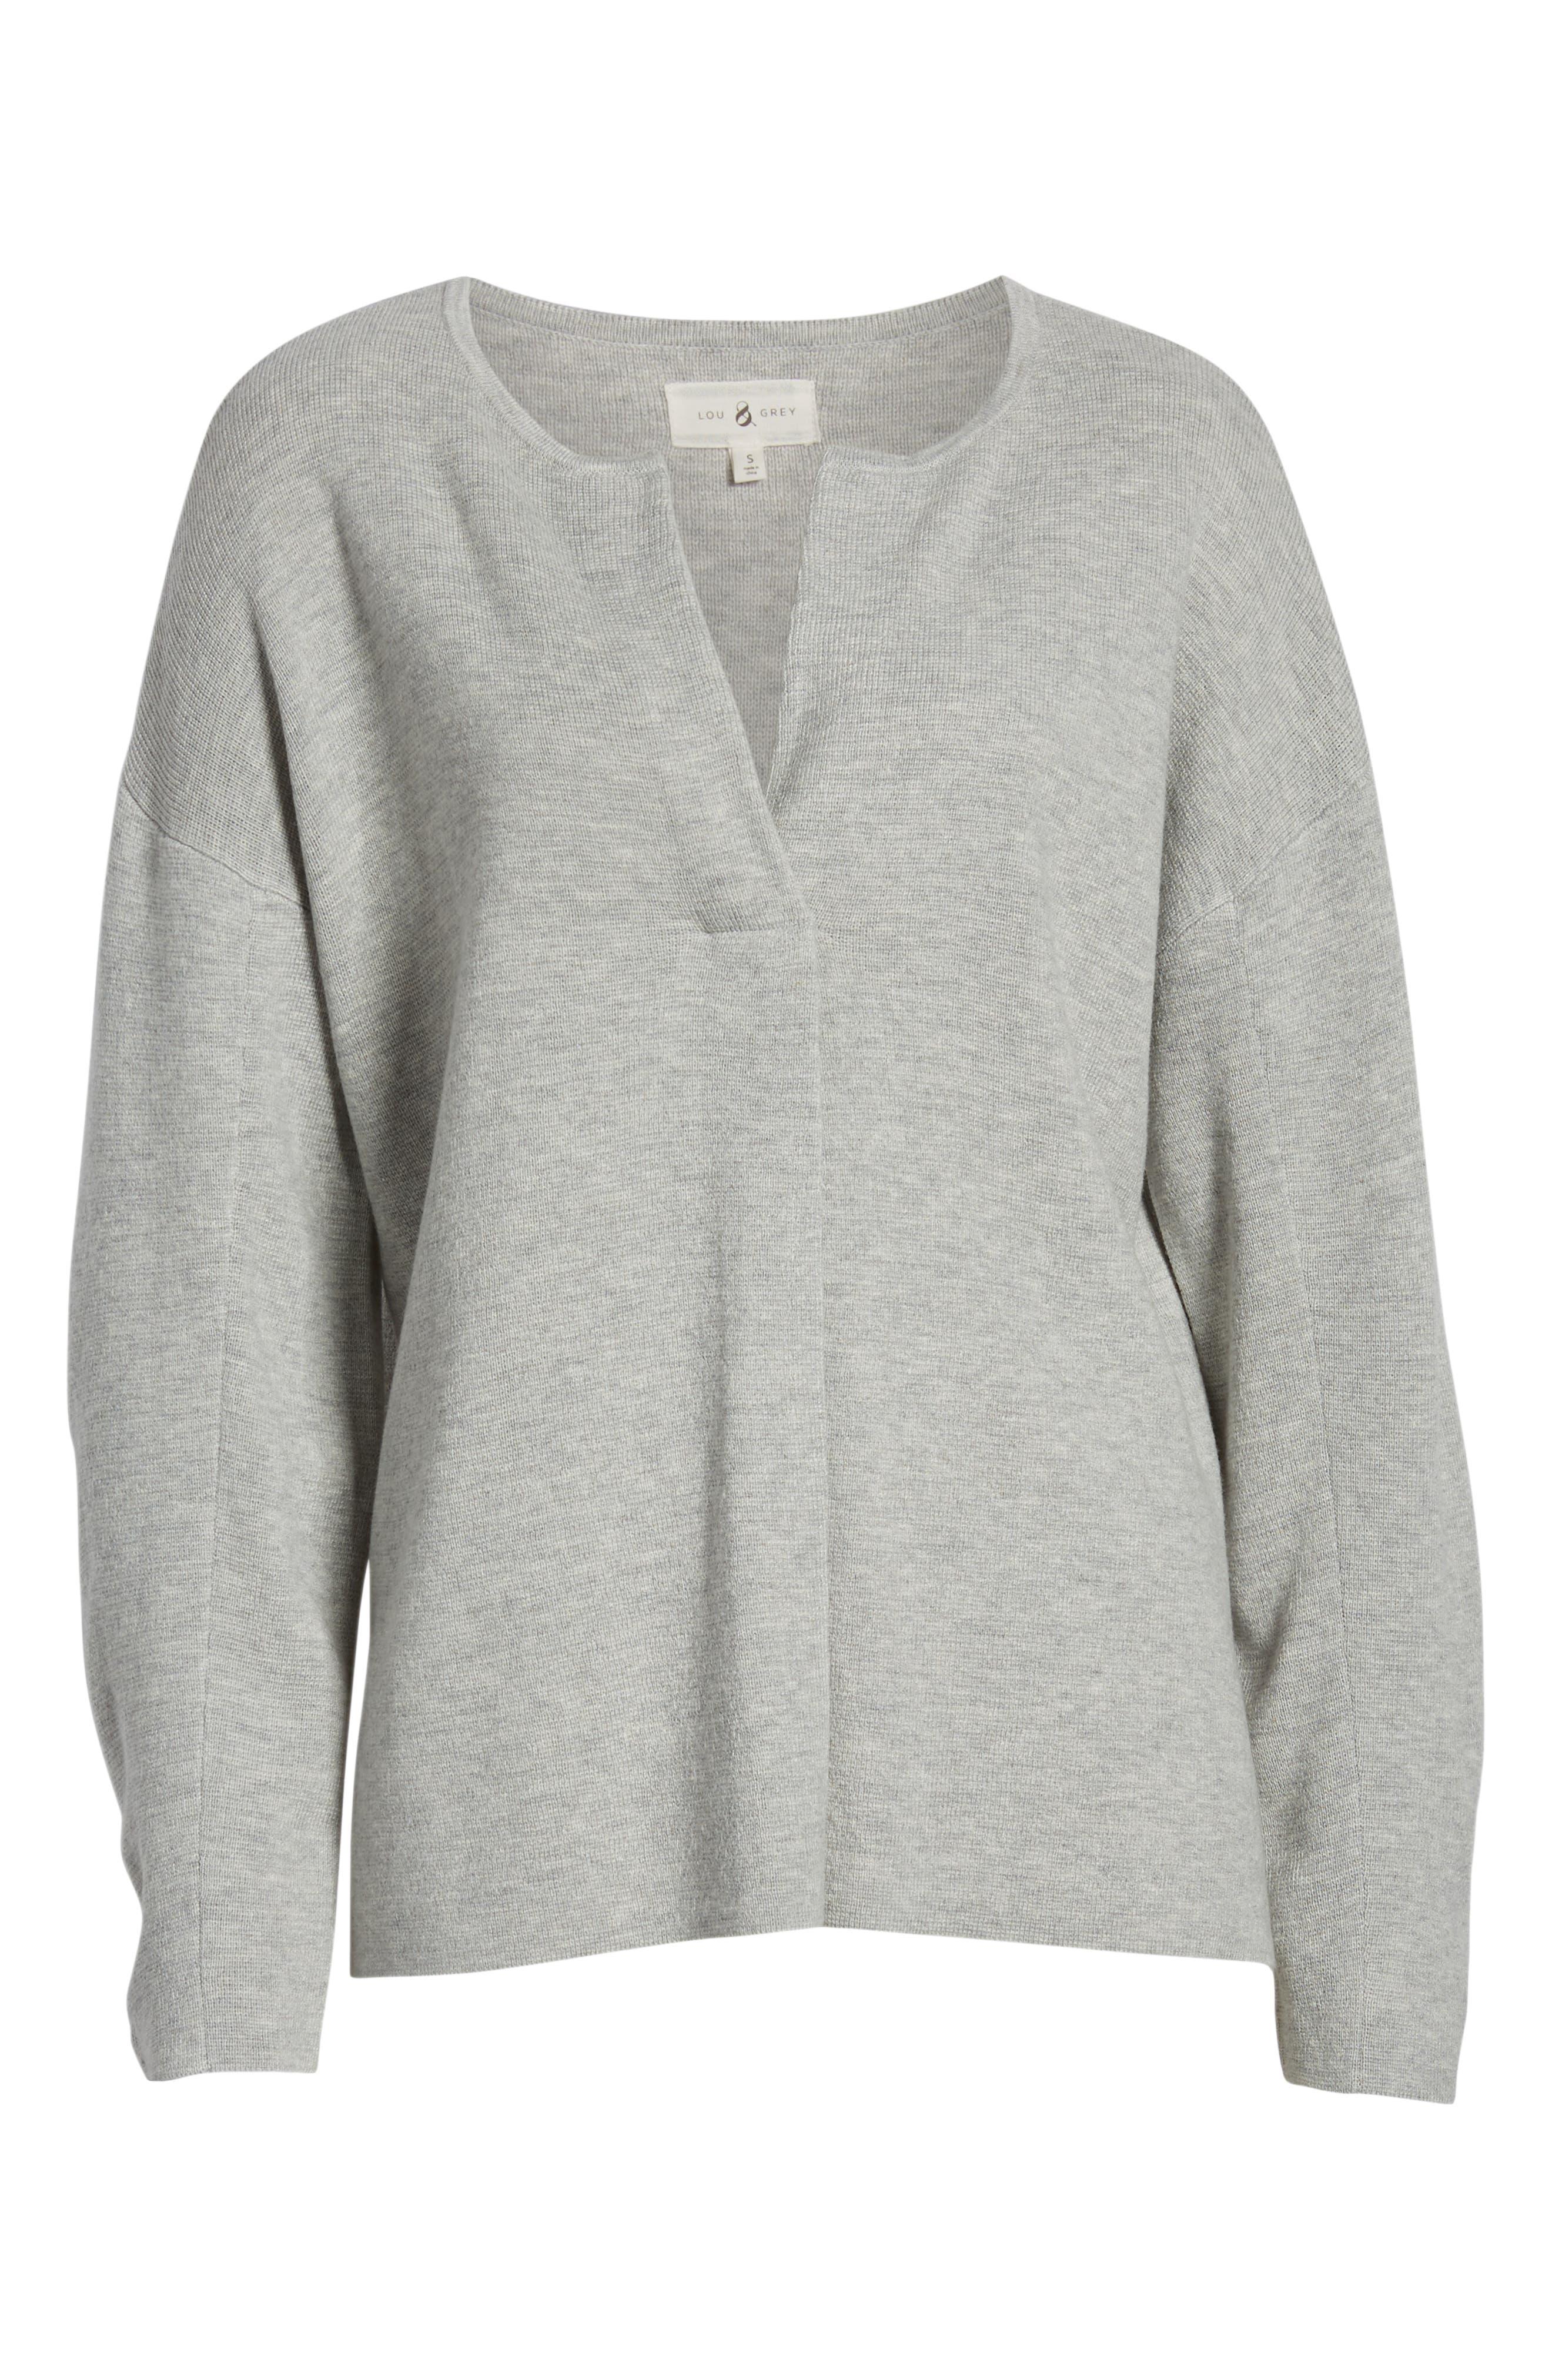 Split Neck Sweater,                             Alternate thumbnail 6, color,                             MED GREY